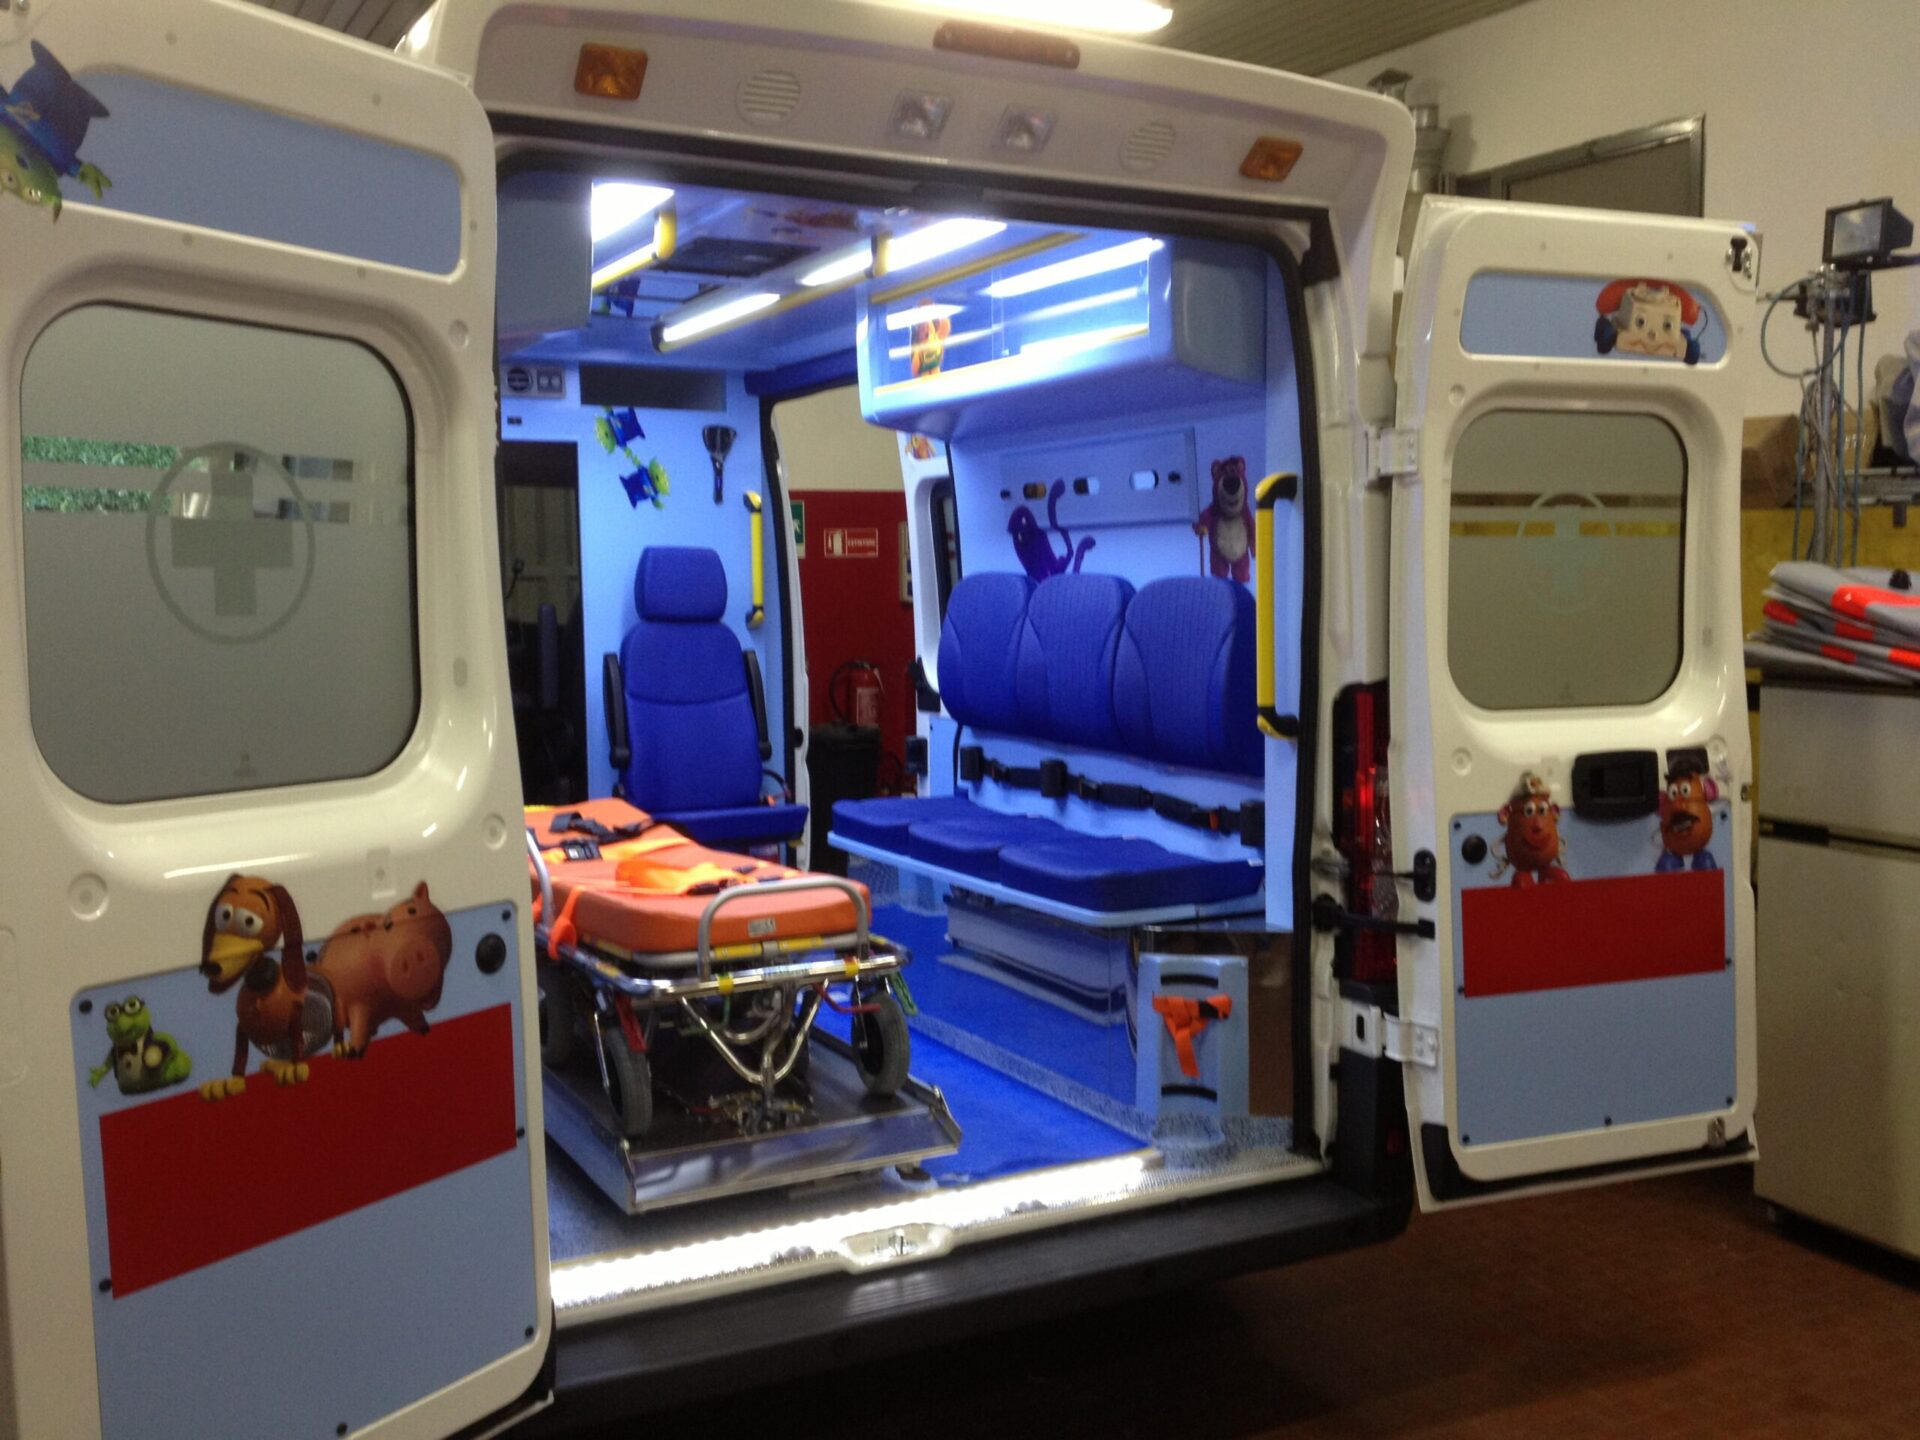 Volontari cercasi. A Castelnuovo Val di Cecina è emergenza 118. Soccorsi a rischio